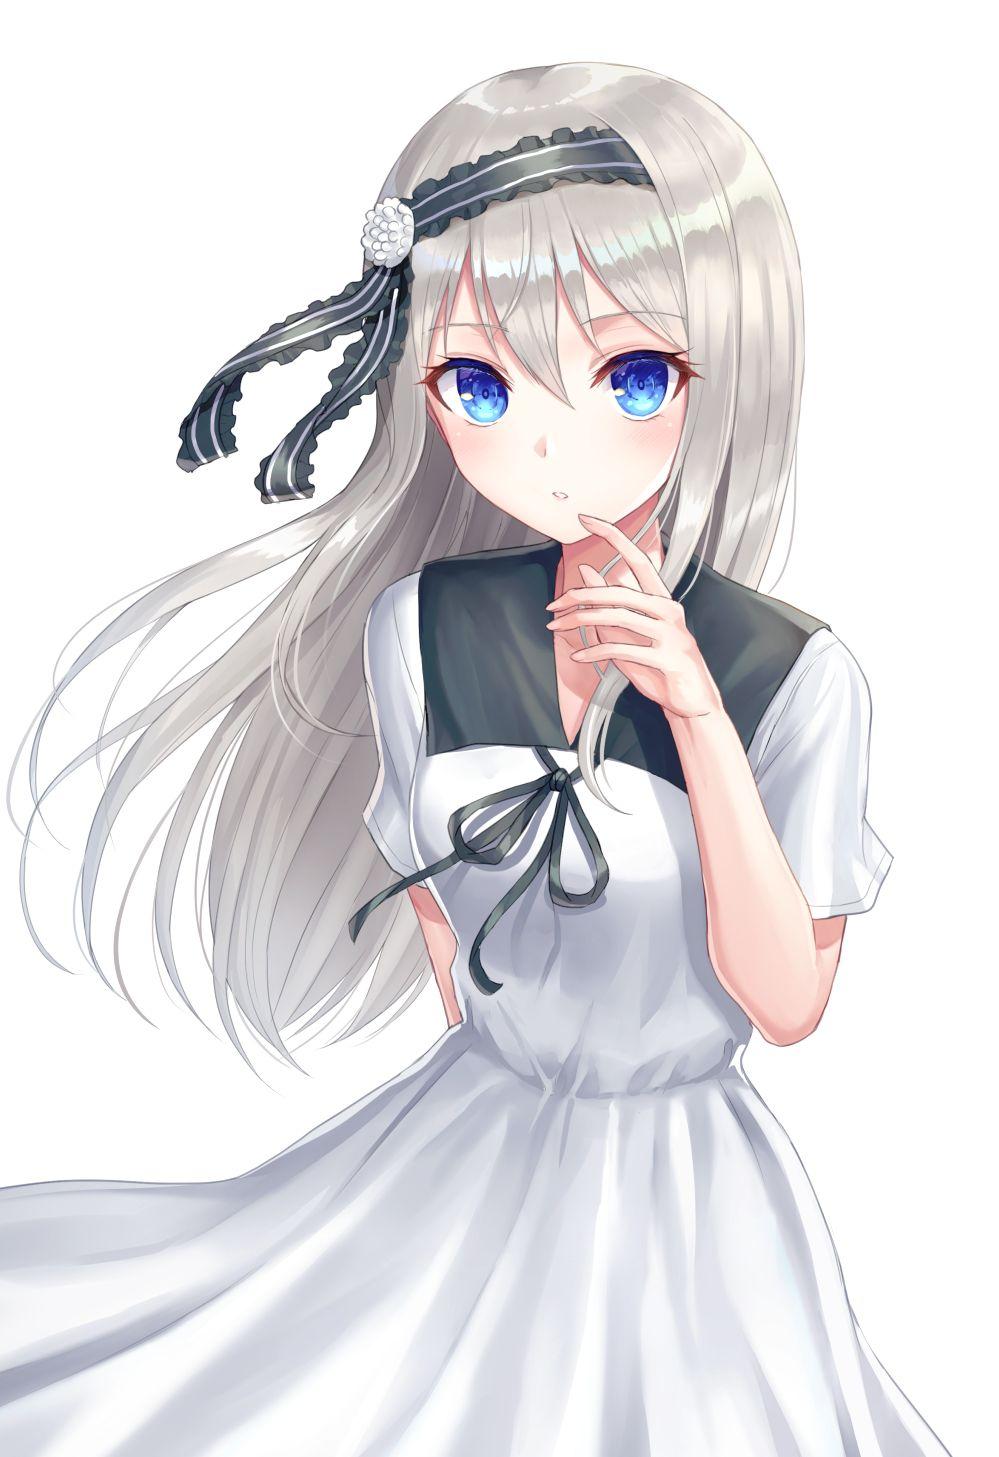 Kei Shirogane Kaguya Sama Gadis Animasi Gambar Karakter Animasi